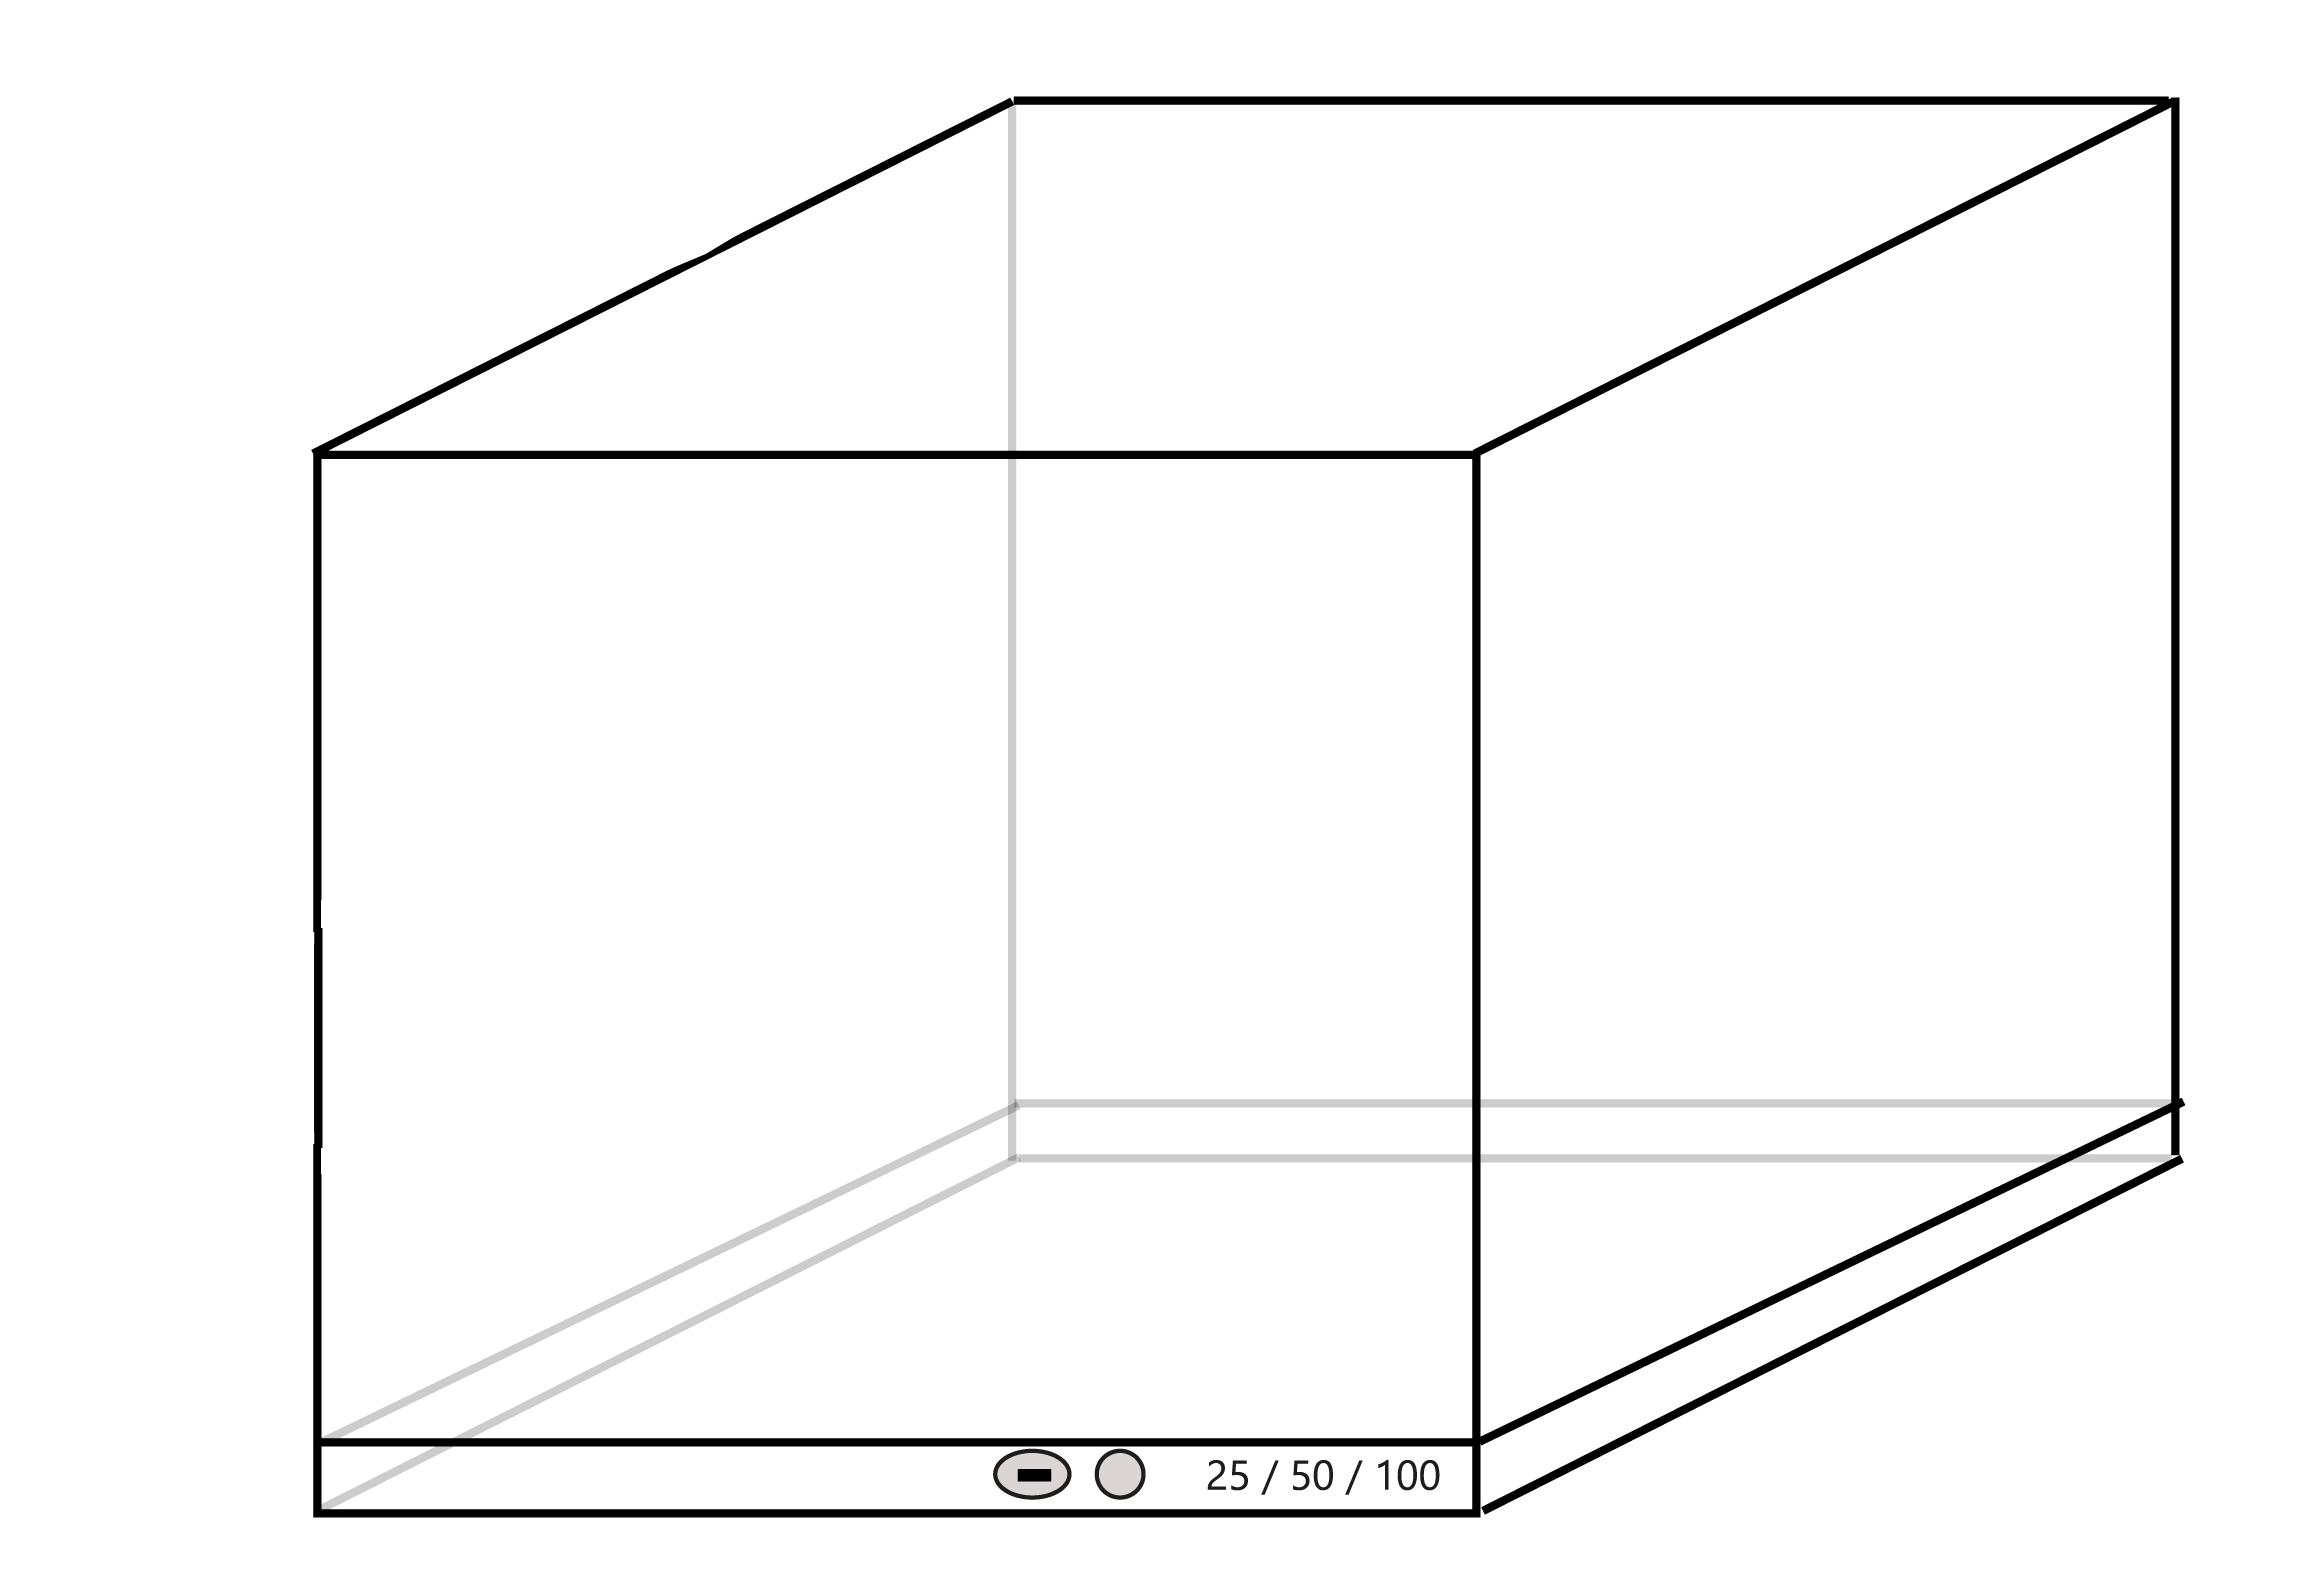 sonderanfertigungen pvc abdeckplane gpsave gmbh die planenmanufaktur. Black Bedroom Furniture Sets. Home Design Ideas